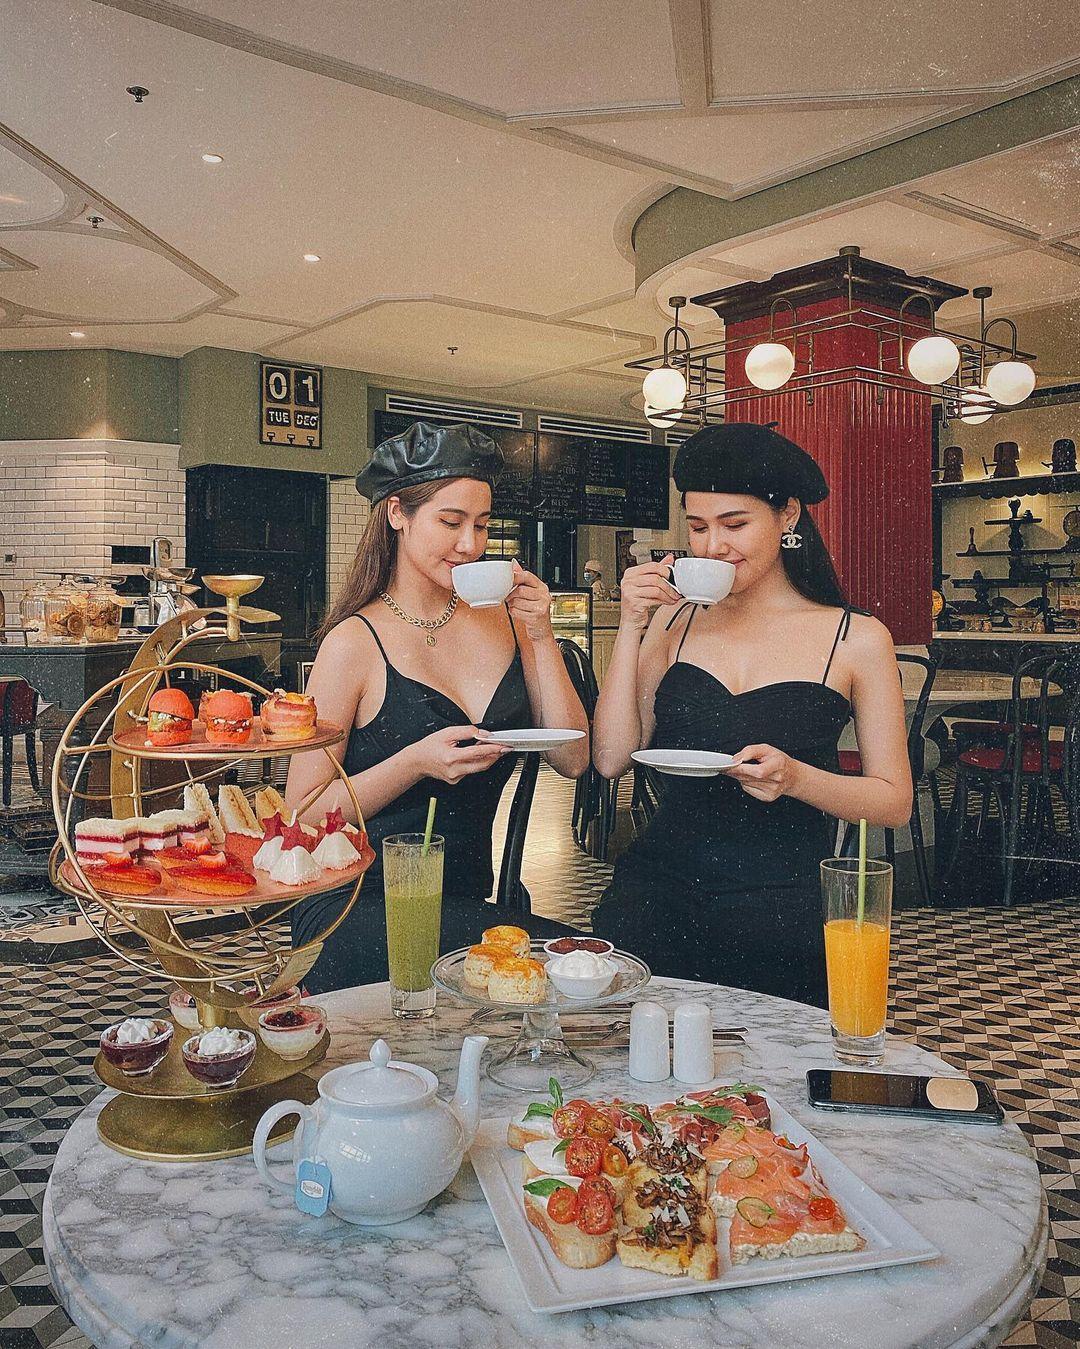 Instagram look của sao Việt tuần qua: Ngọc Trinh, Khánh Linh mix đồ bơi với giày chất chơi, riêng Lan Ngọc kín bưng dạo phố - Ảnh 14.